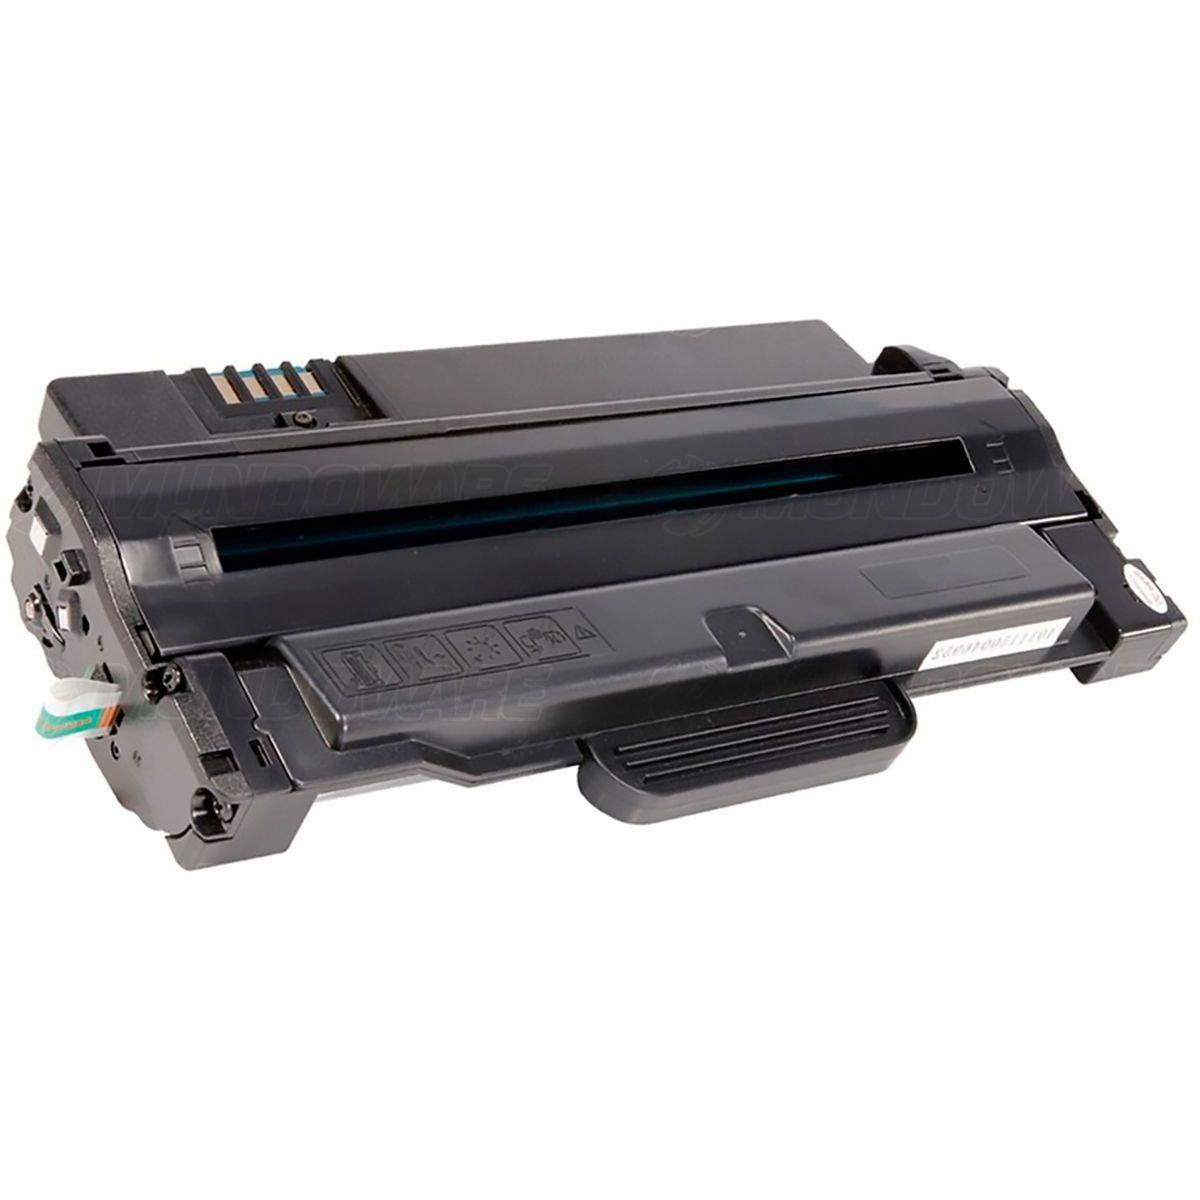 Compatível: Toner 108R00909 para Xerox Phaser 3140 3155 3160 3160b 3160n 3155b 3140b / Preto / 2.500